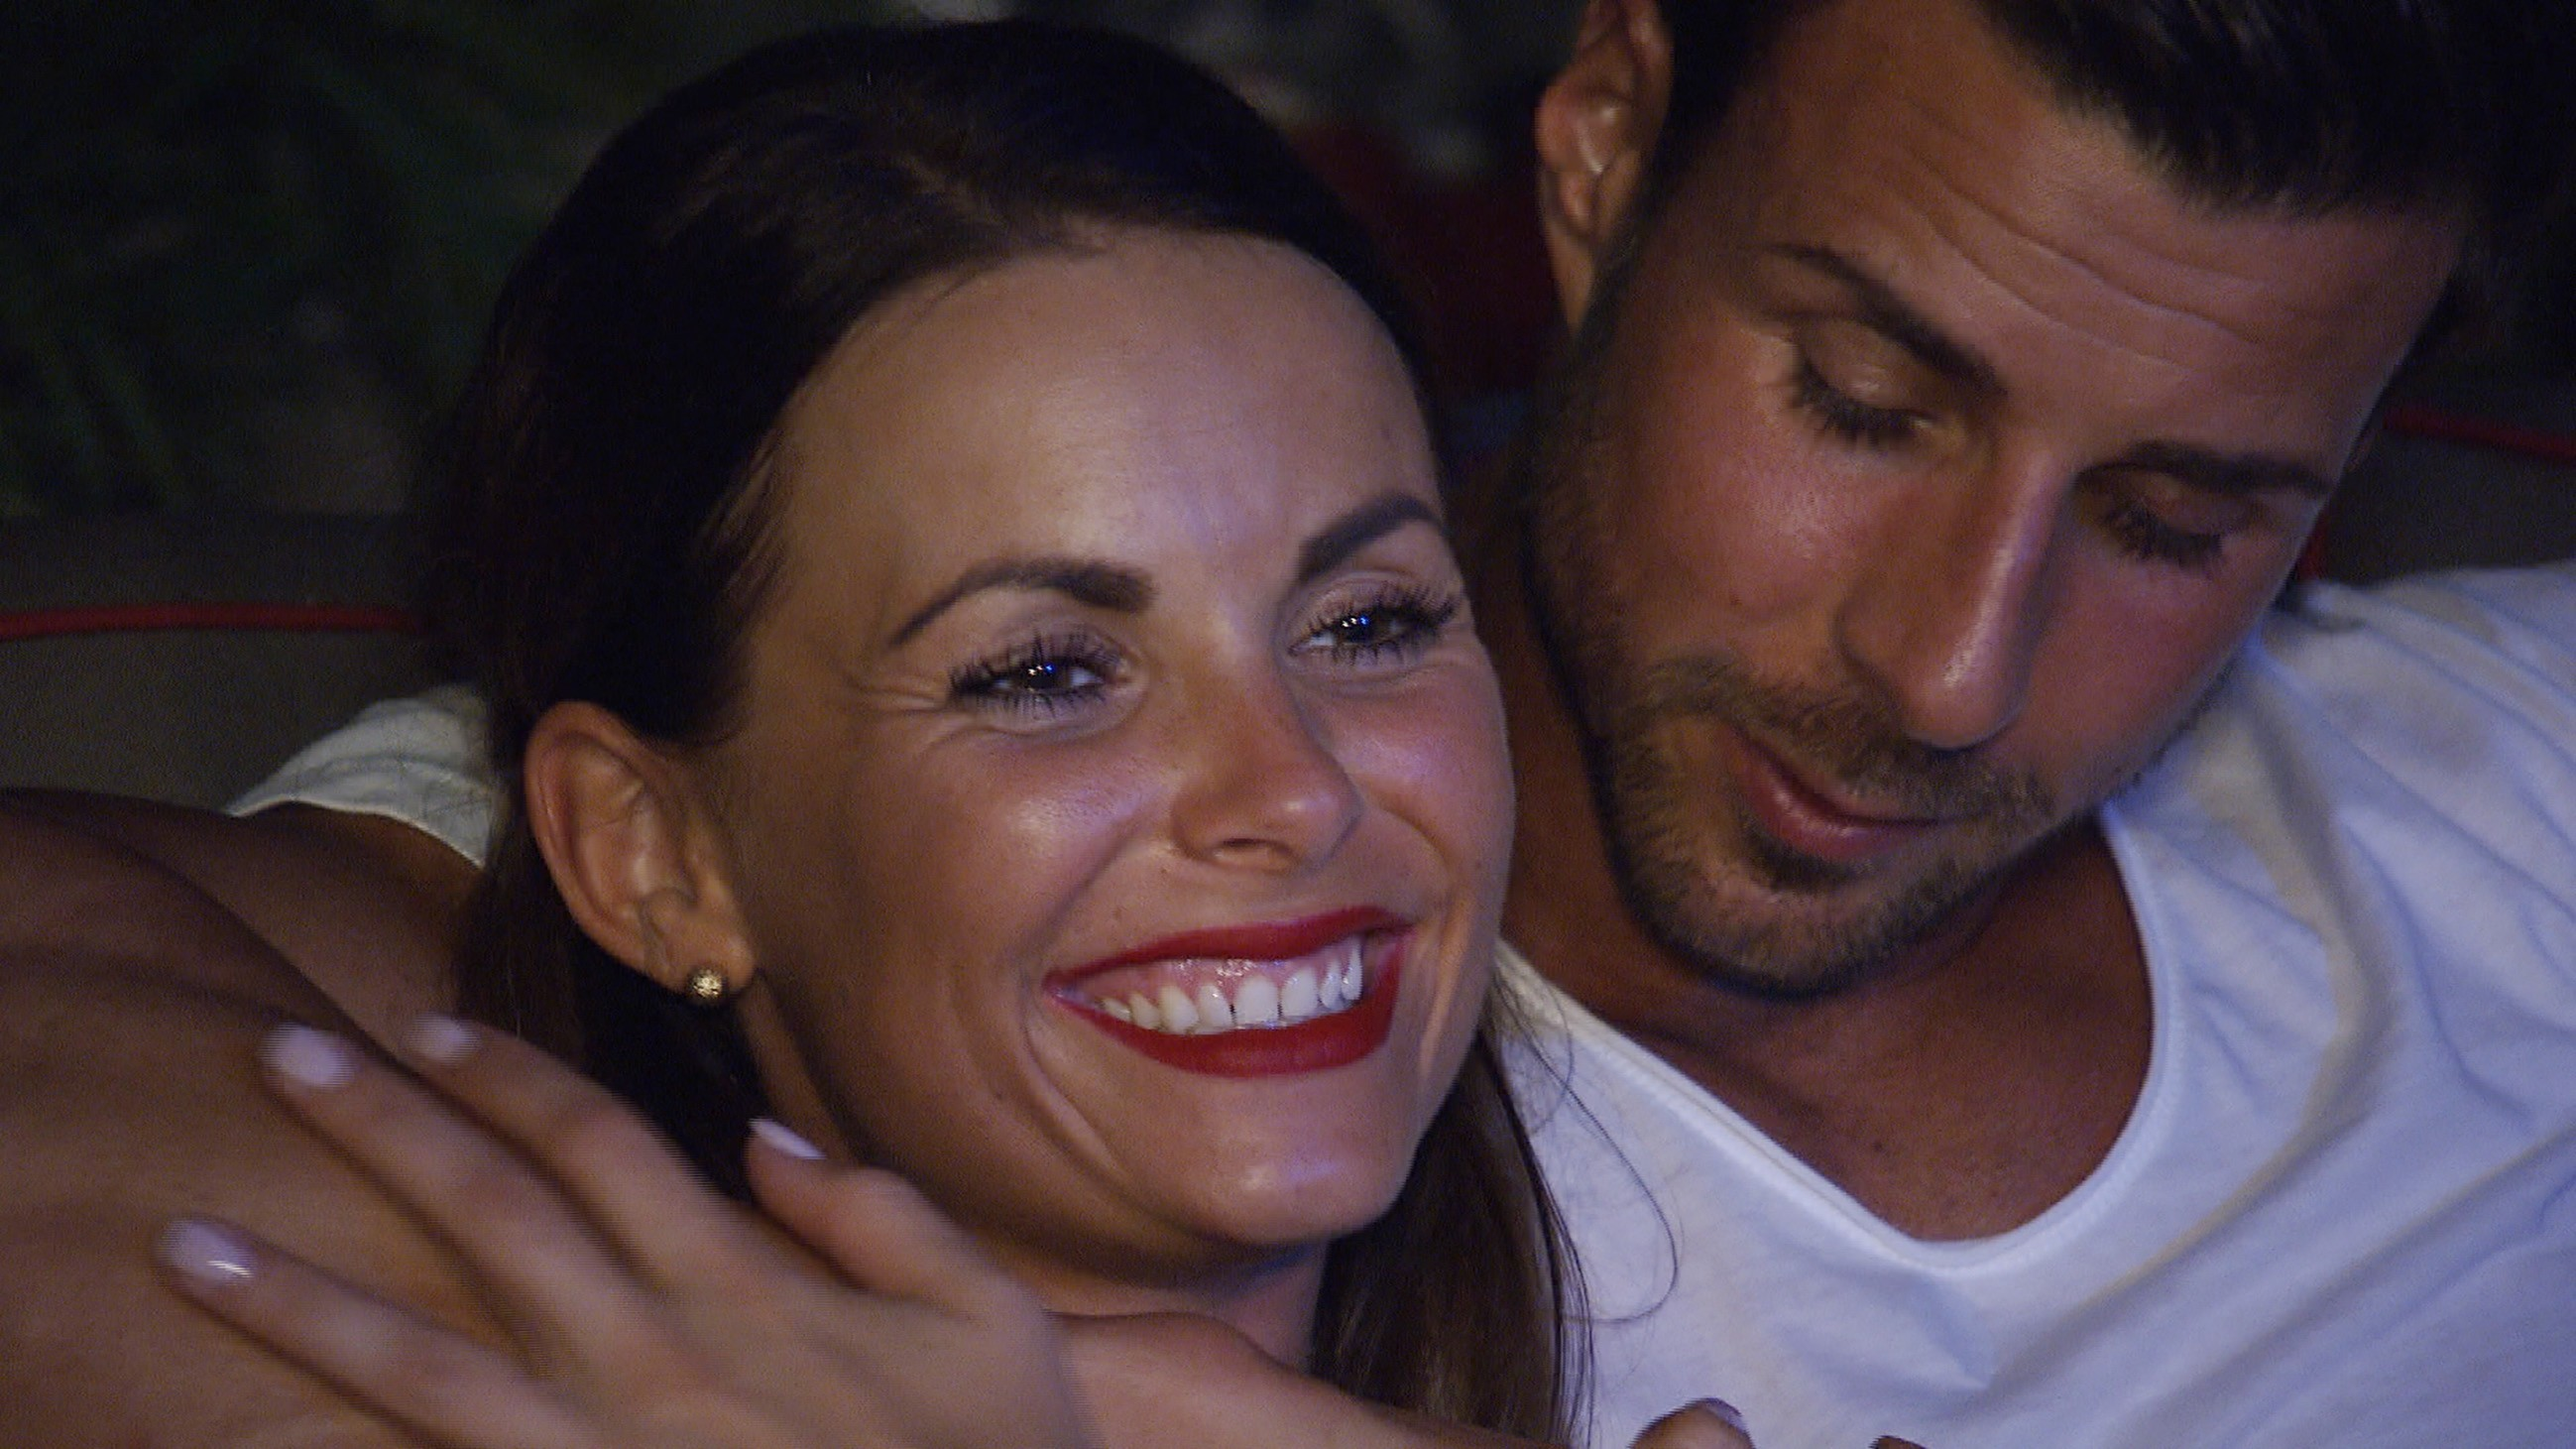 Der Bachelor 2016 Folge 5 - Denise und Leonard